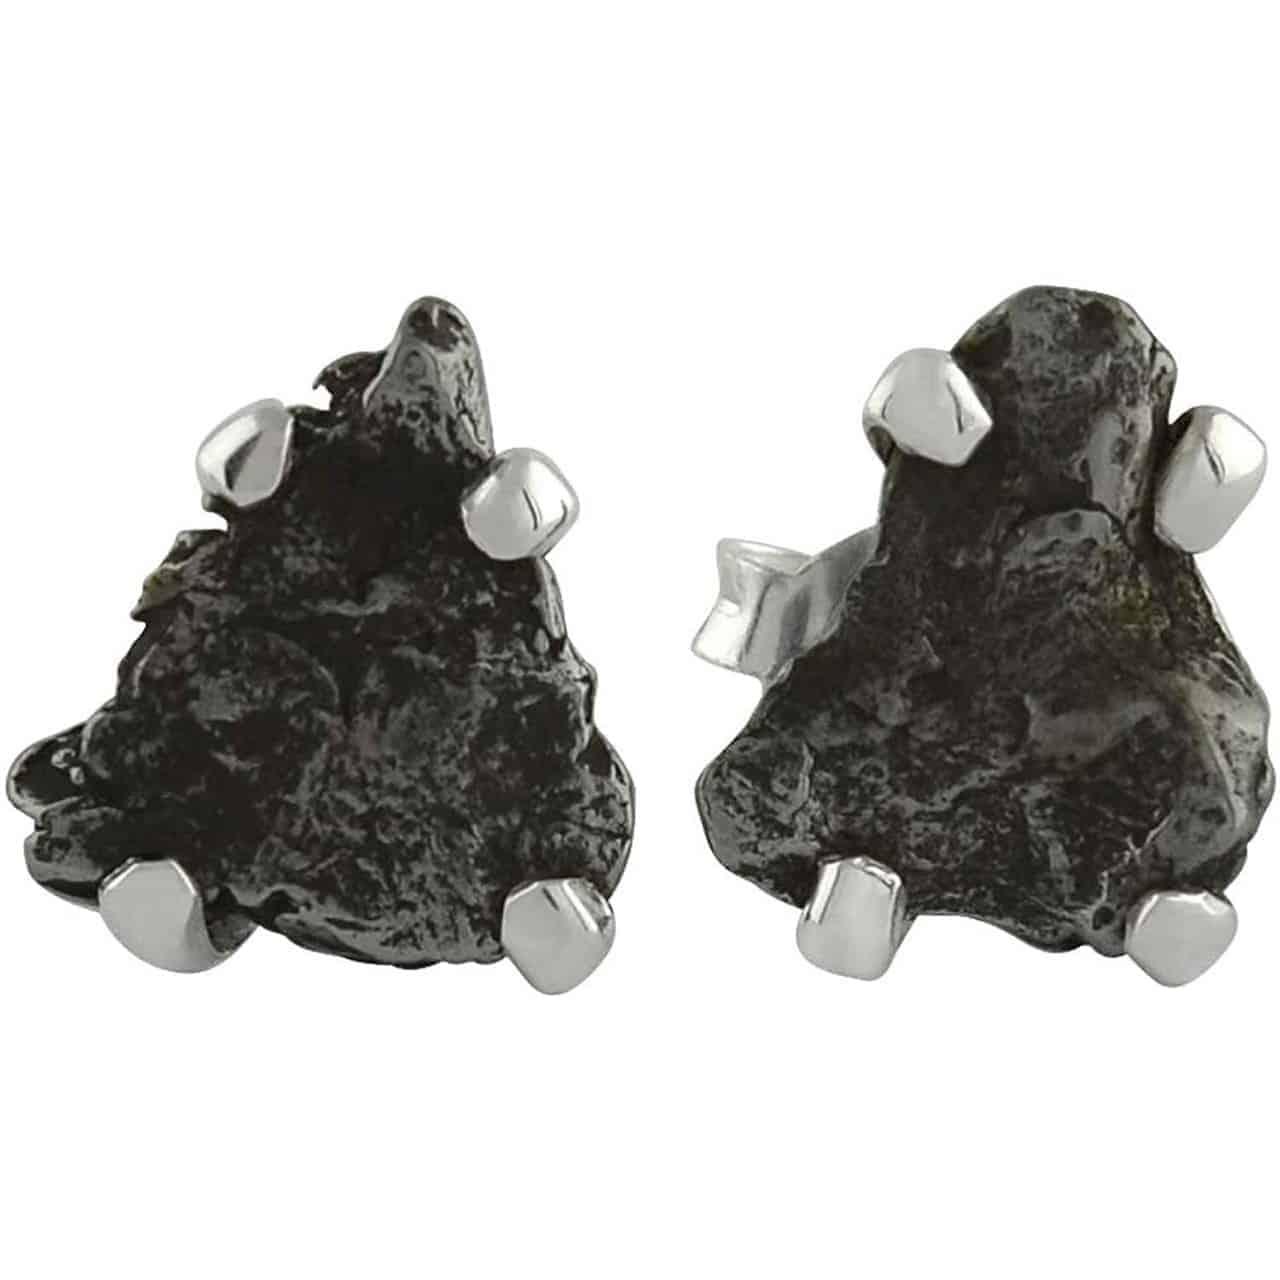 Meteorite slice meteorite men meteorite gift meteorite crystal meteorite iron meteorite fragment meteorite natural meteorite cabochon